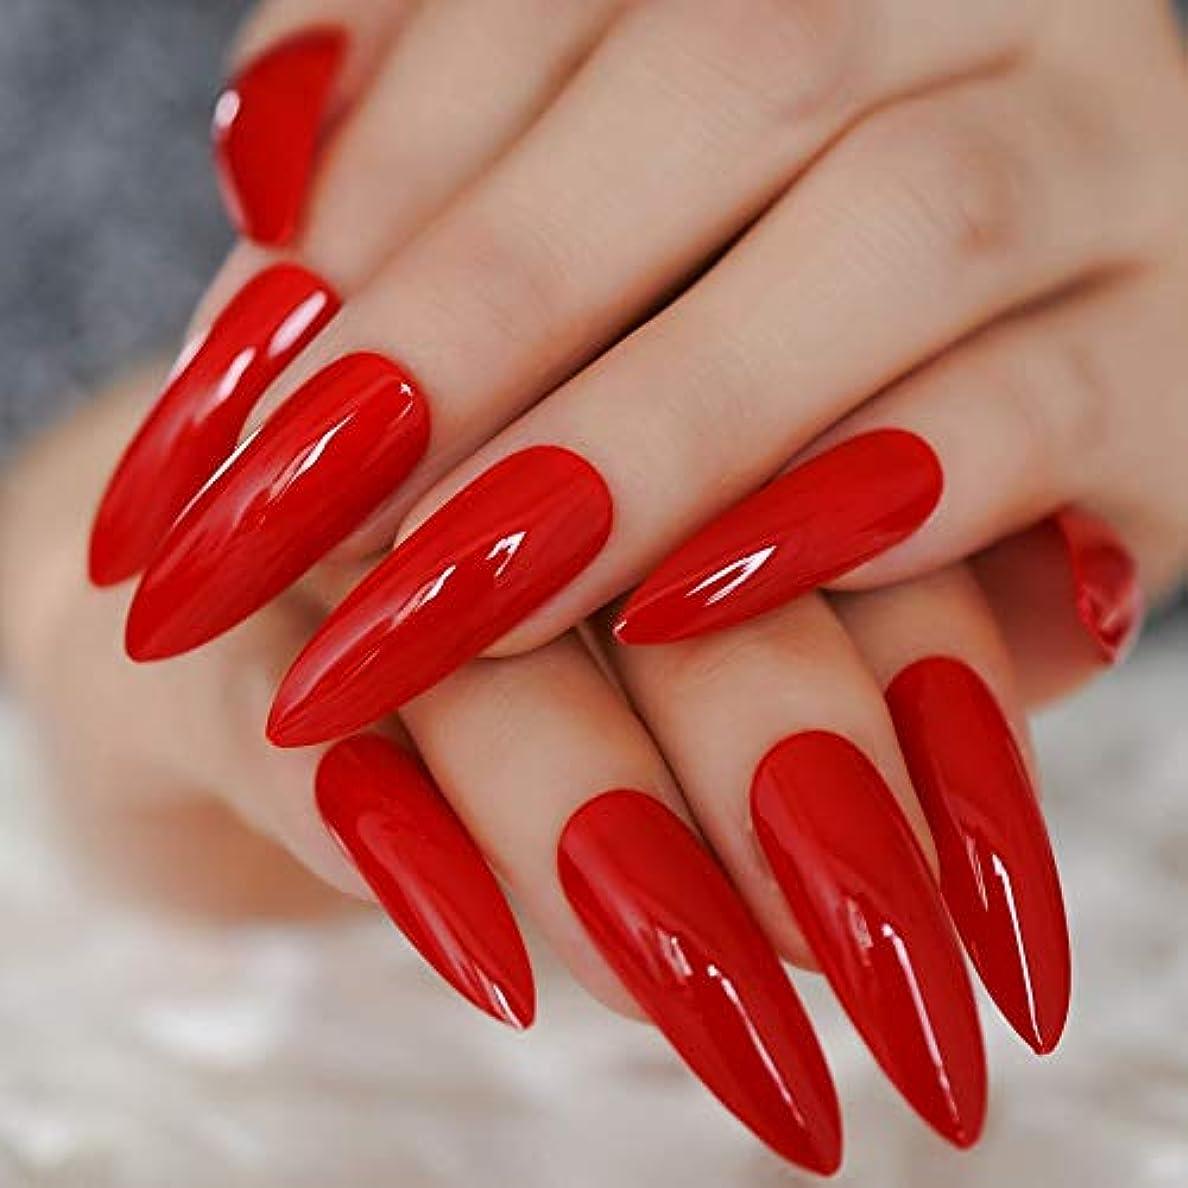 オーバーランより多い遅らせるXUTXZKA 赤い偽の爪指のための極端な長い砂糖の爪24